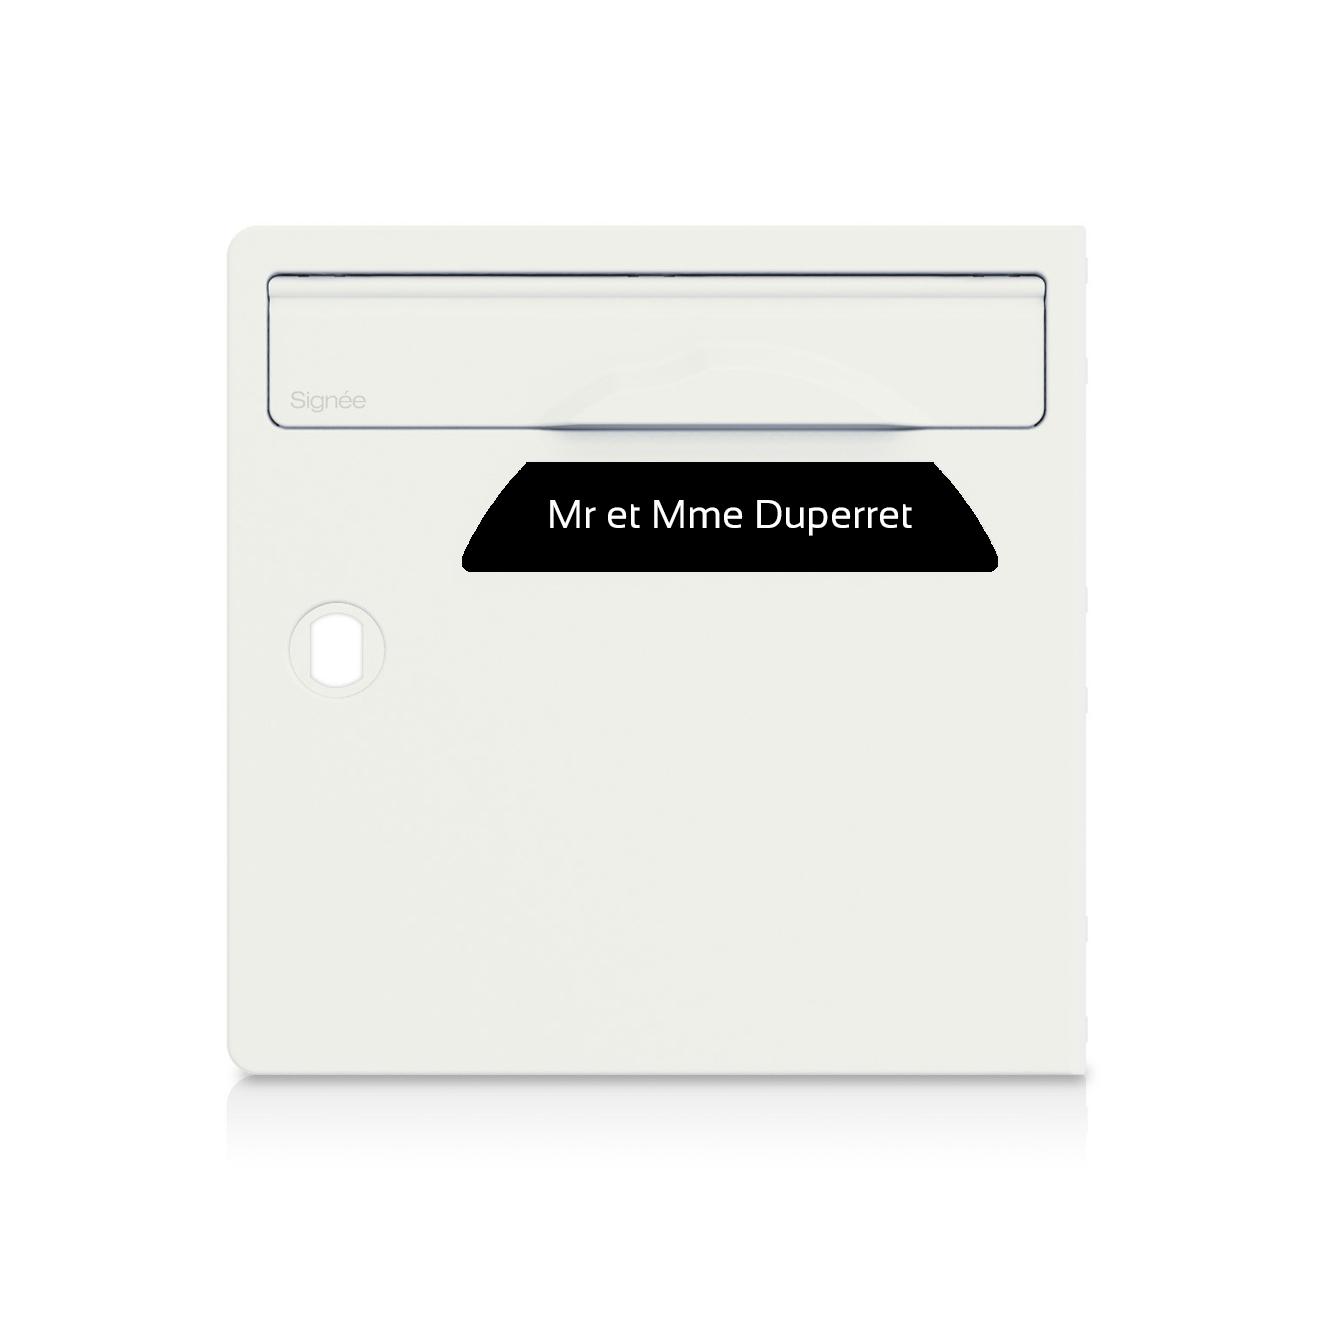 Plaque boite aux lettres Signée noire lettres blanches - 1 ligne